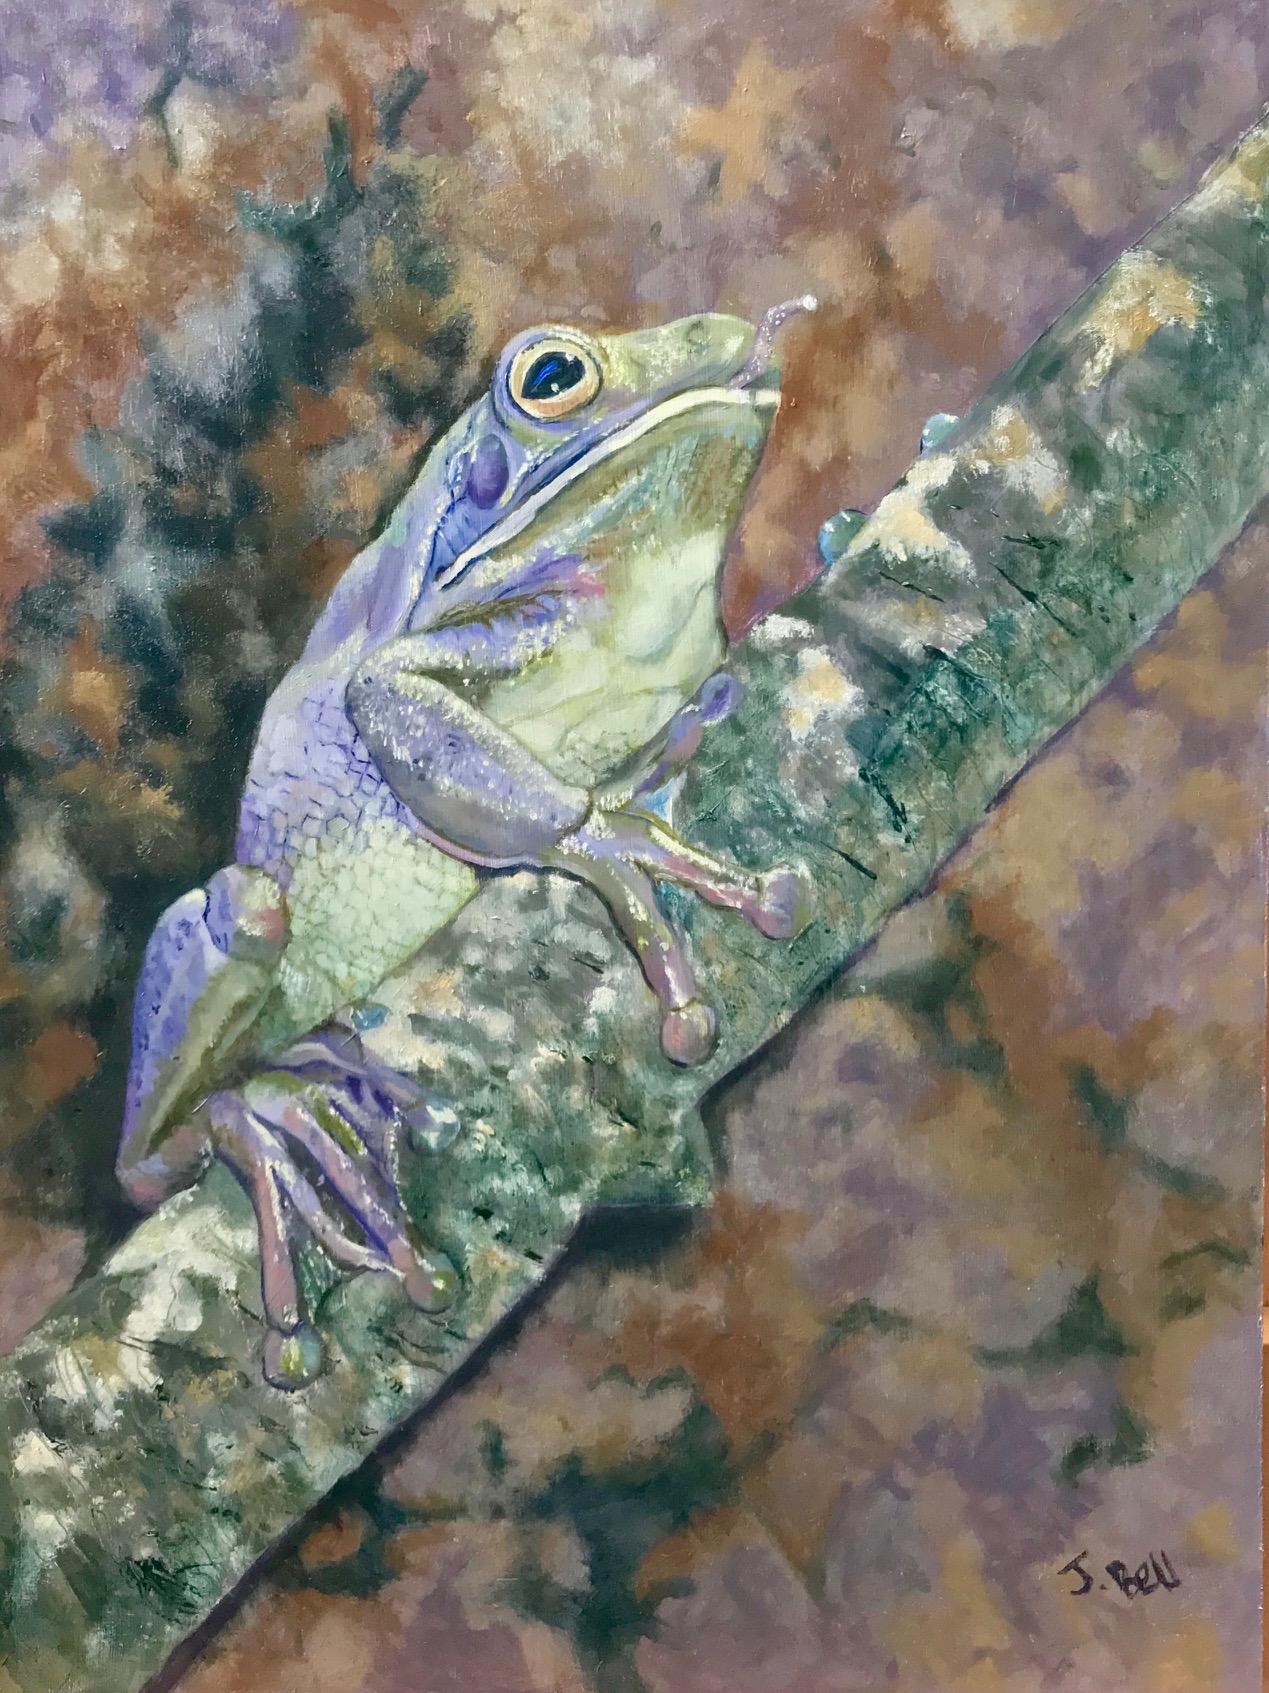 Australian Tree Frog - Jenine Bell - Watercolour.jpg